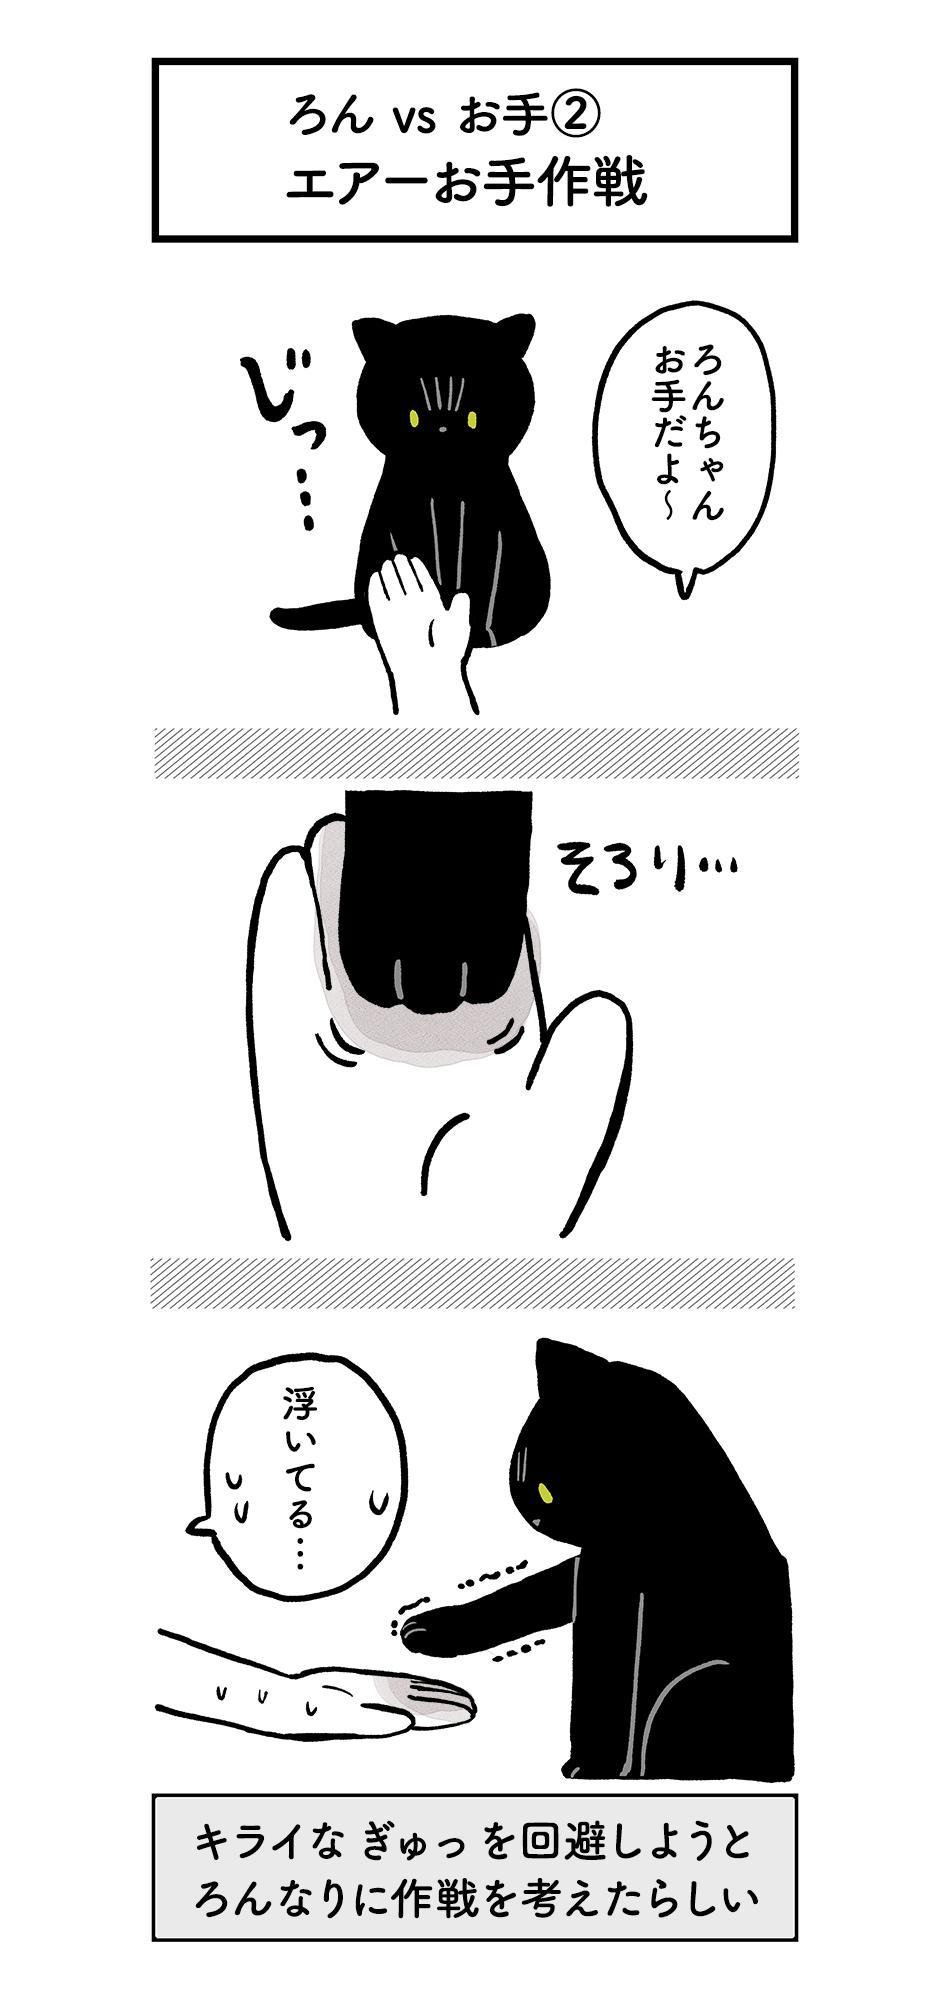 猫なりにお手を試行錯誤!うーんエライ!!